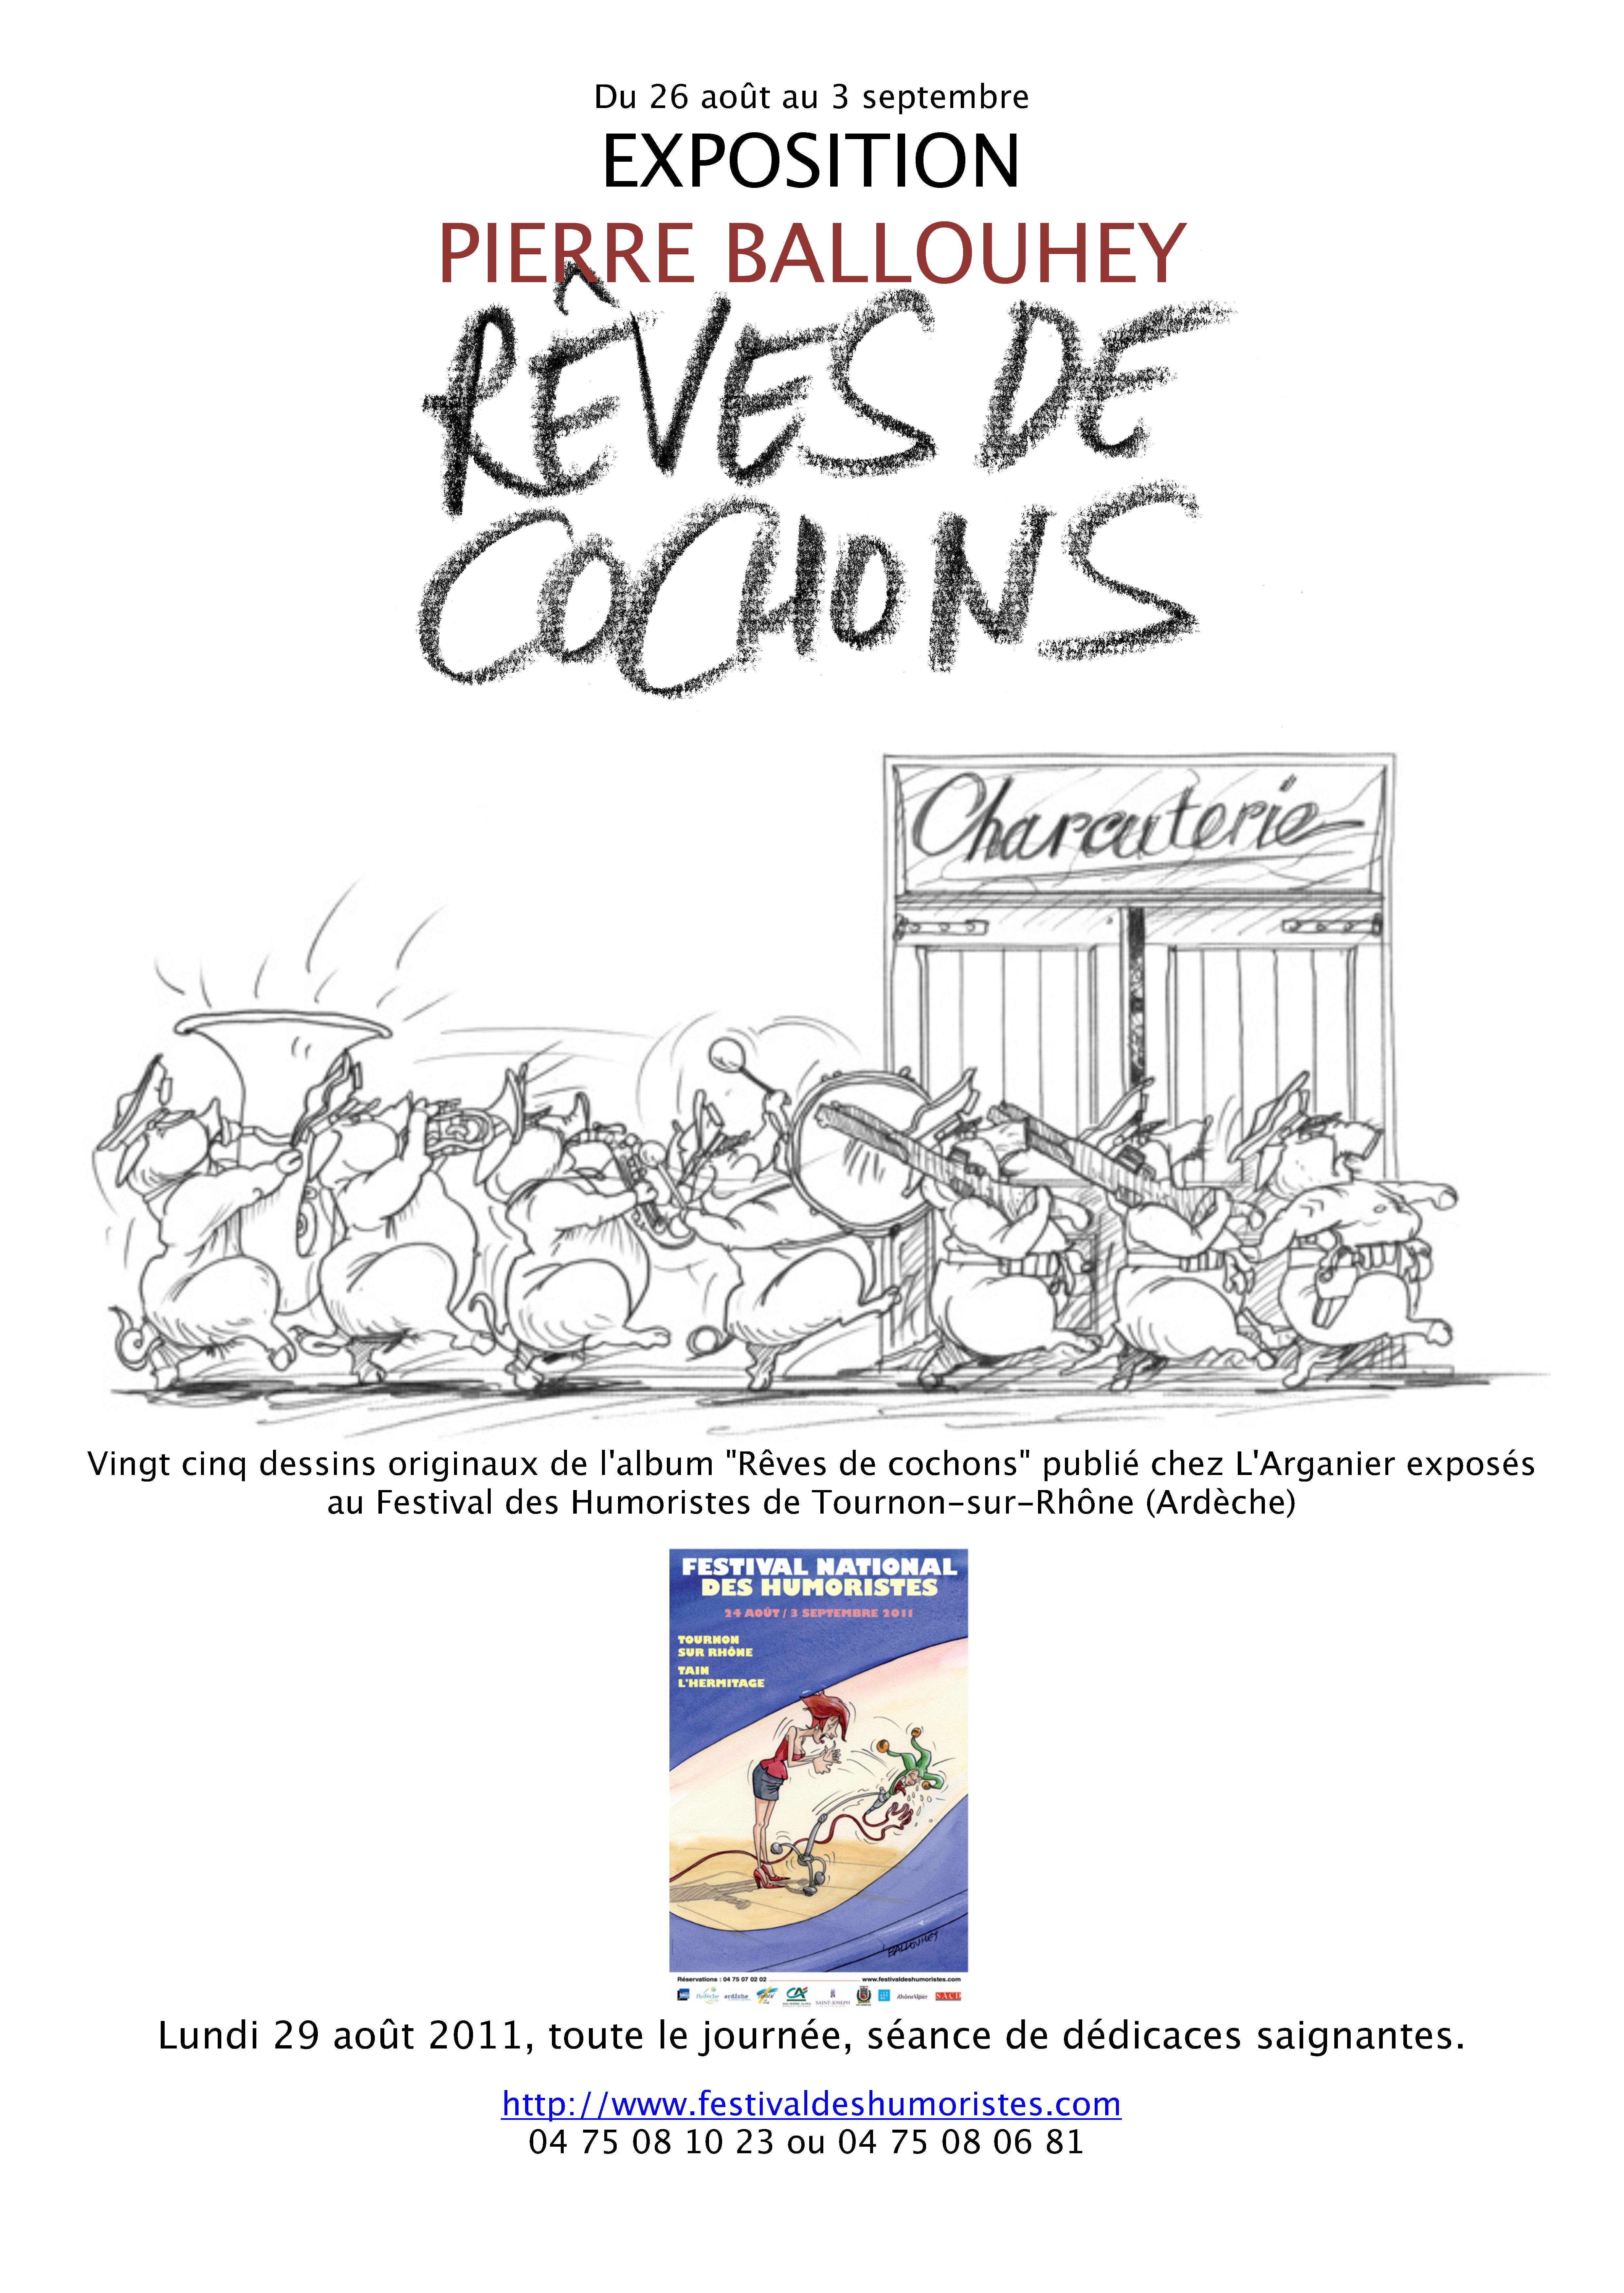 Cochons à Tournon